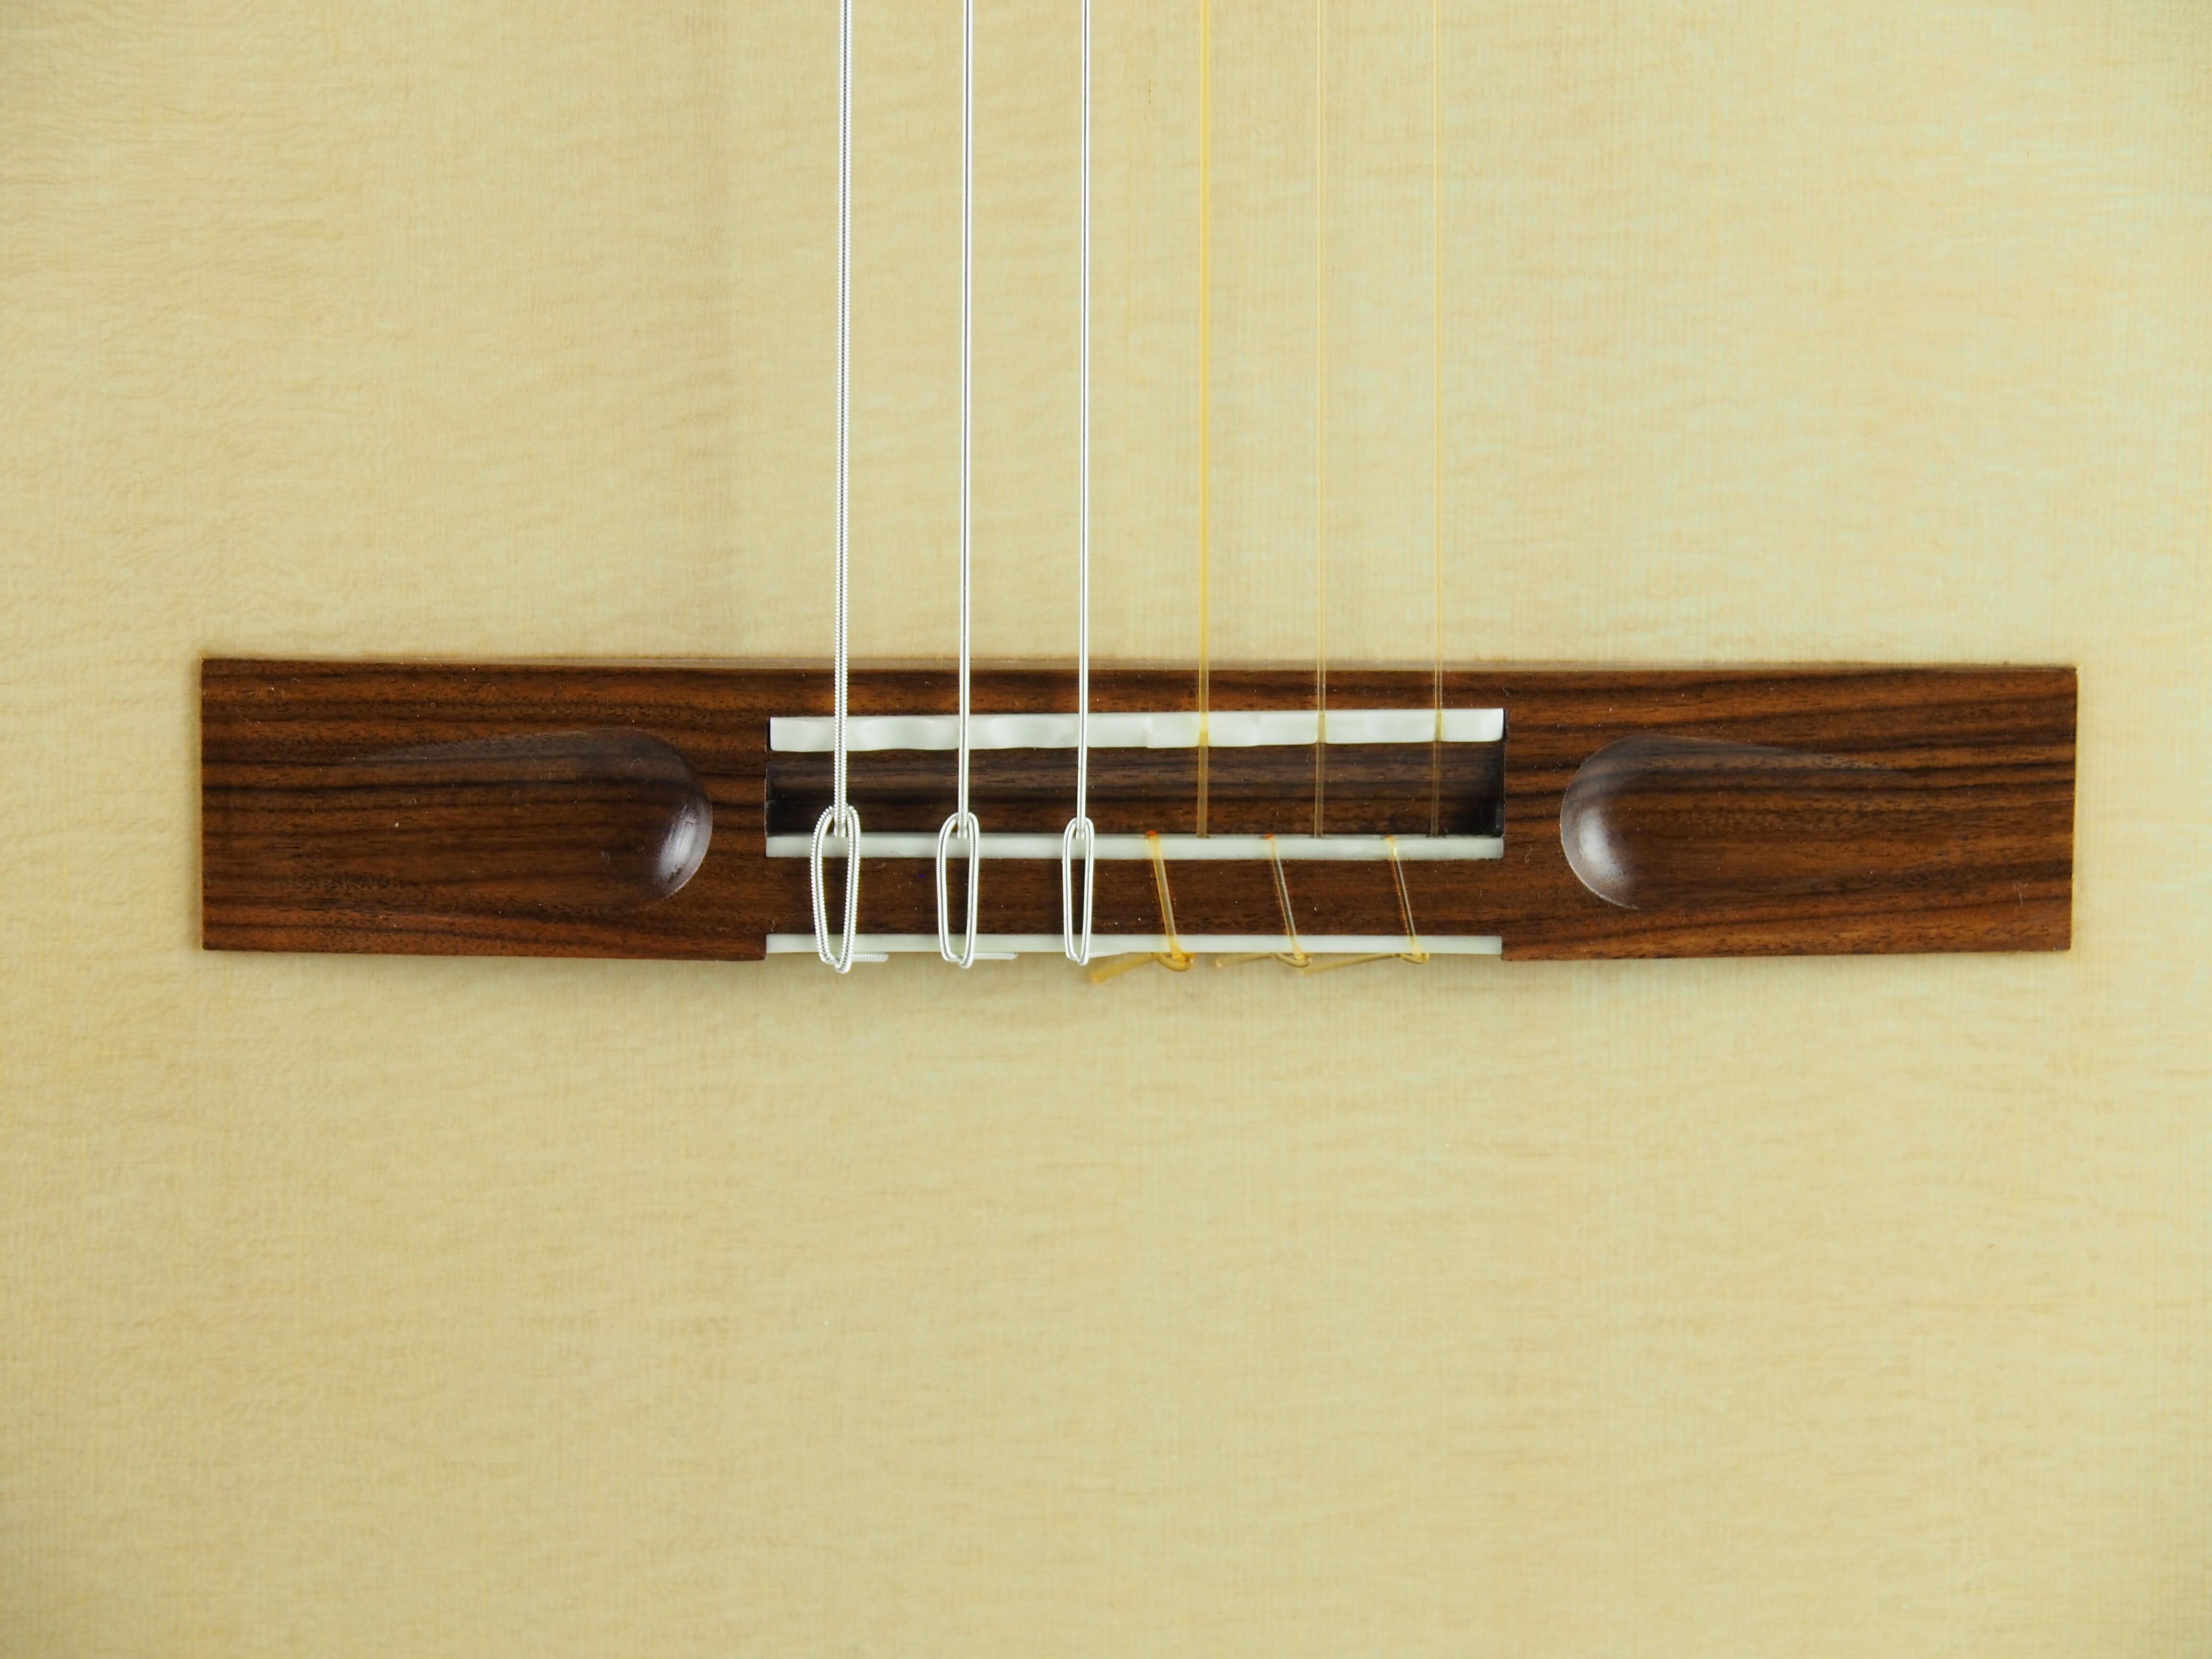 Stanislaw Partyka guitare classique de luthier table lattice